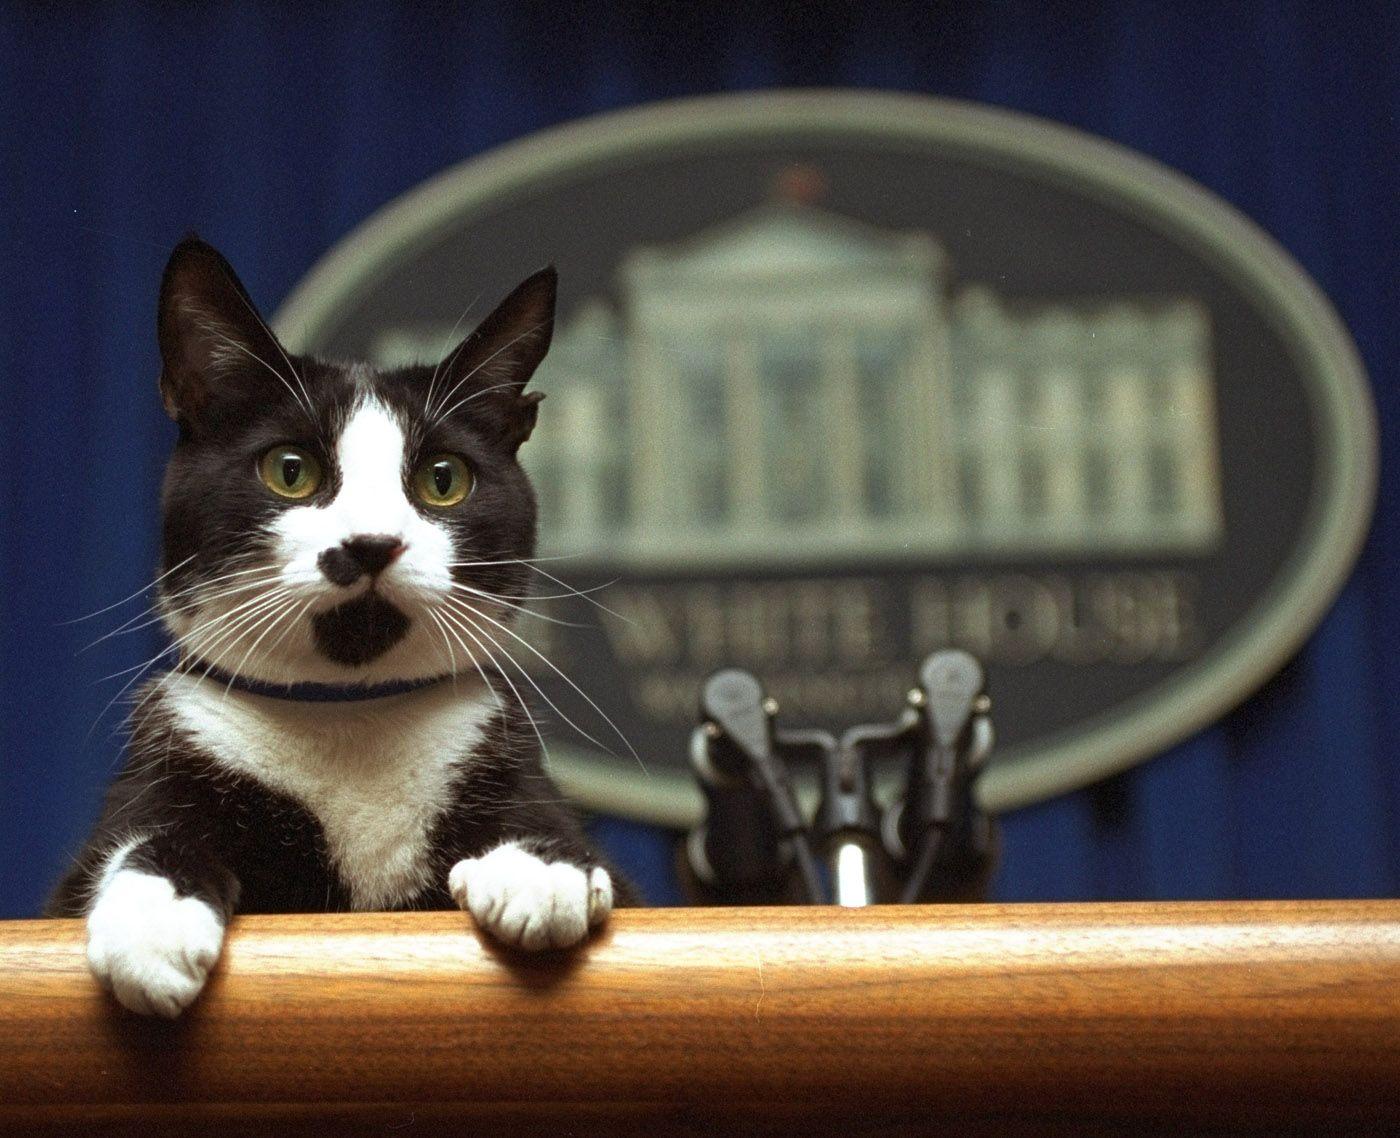 Dia internacionald el gatoa